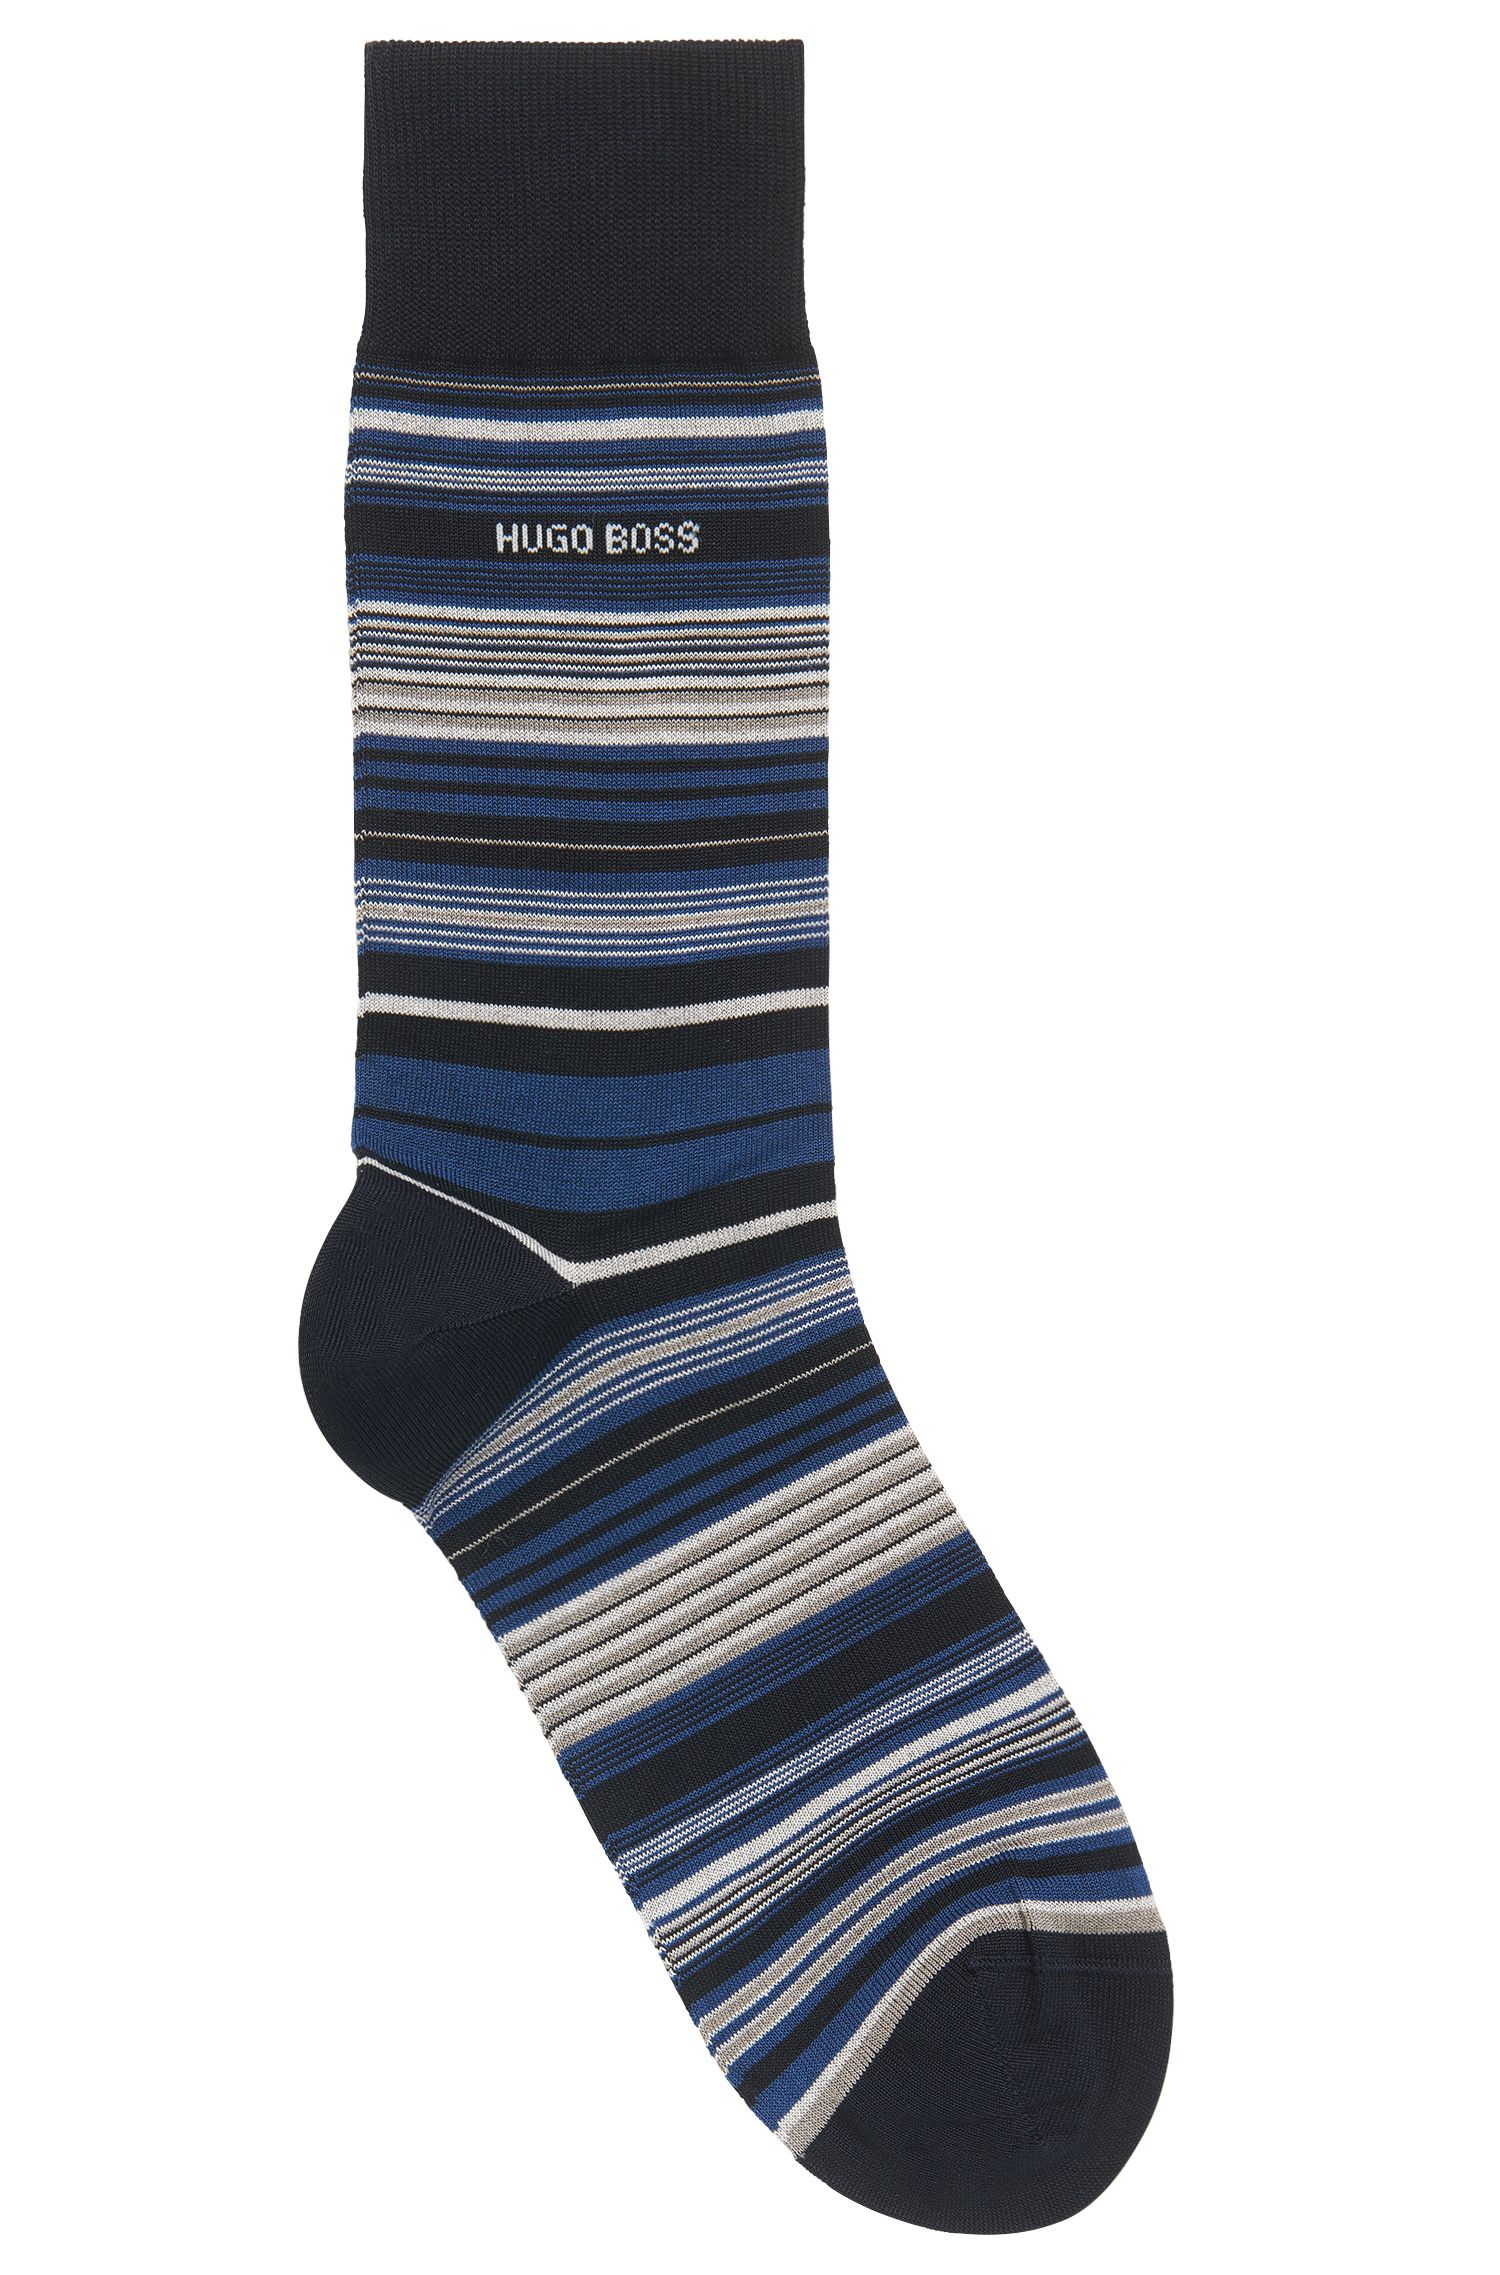 Chaussettes à rayures horizontales en coton mélangé mercerisé